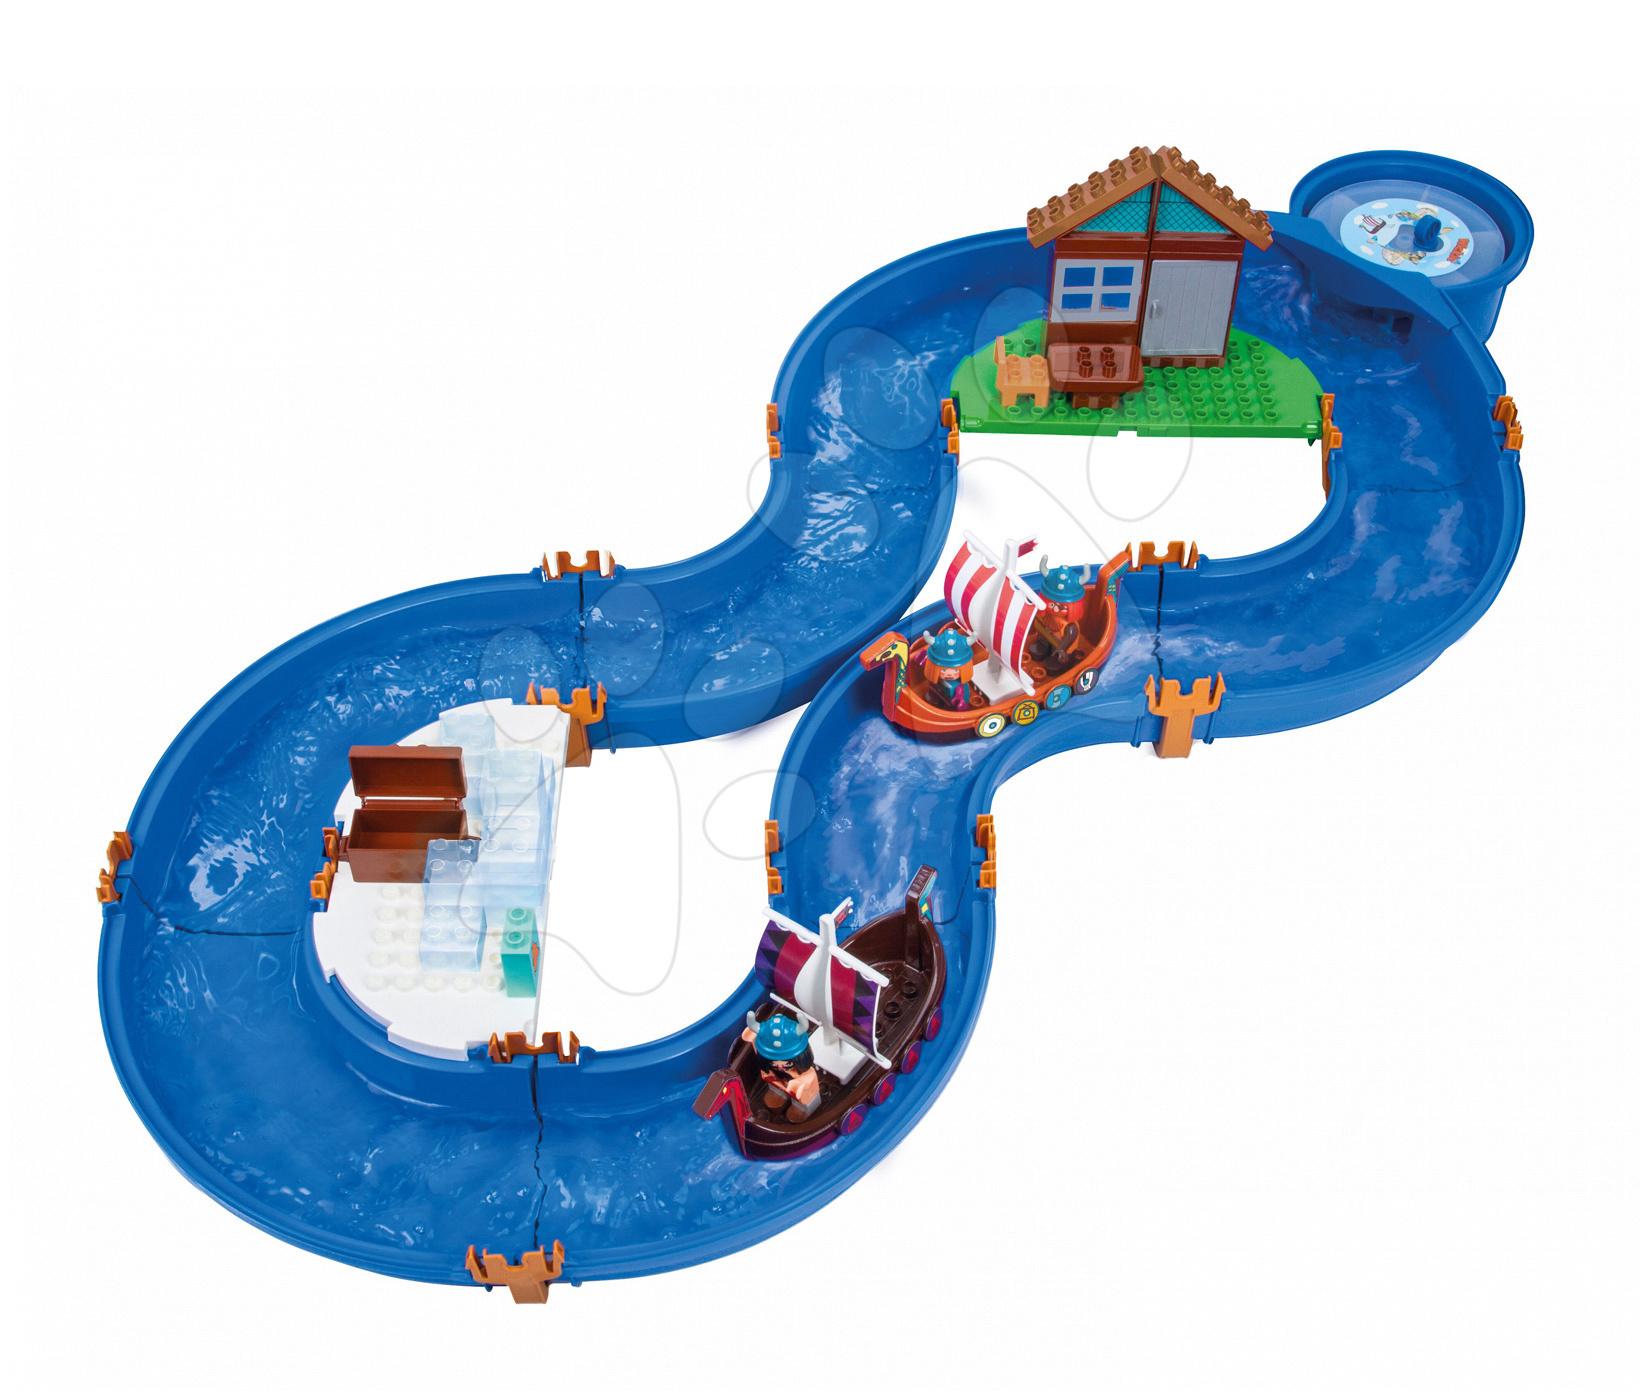 Vodne dráhy pre deti - Vodná hra Waterplay Vikingovia Grónsko BIG skladacia s figúrkami modrá